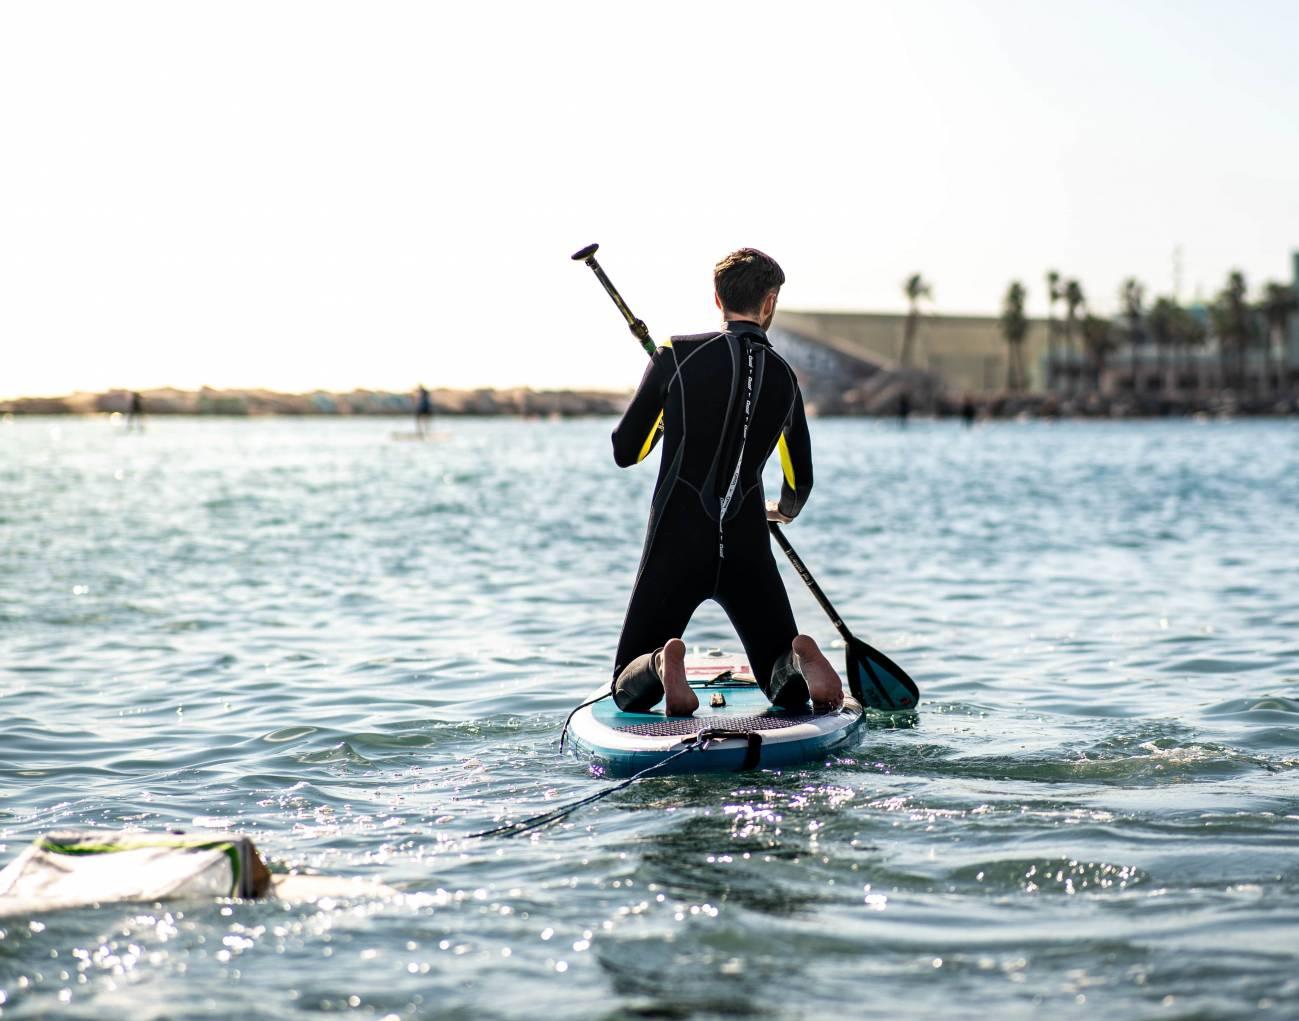 Uno de los voluntarios sobre la tabla. / Surfing for Science